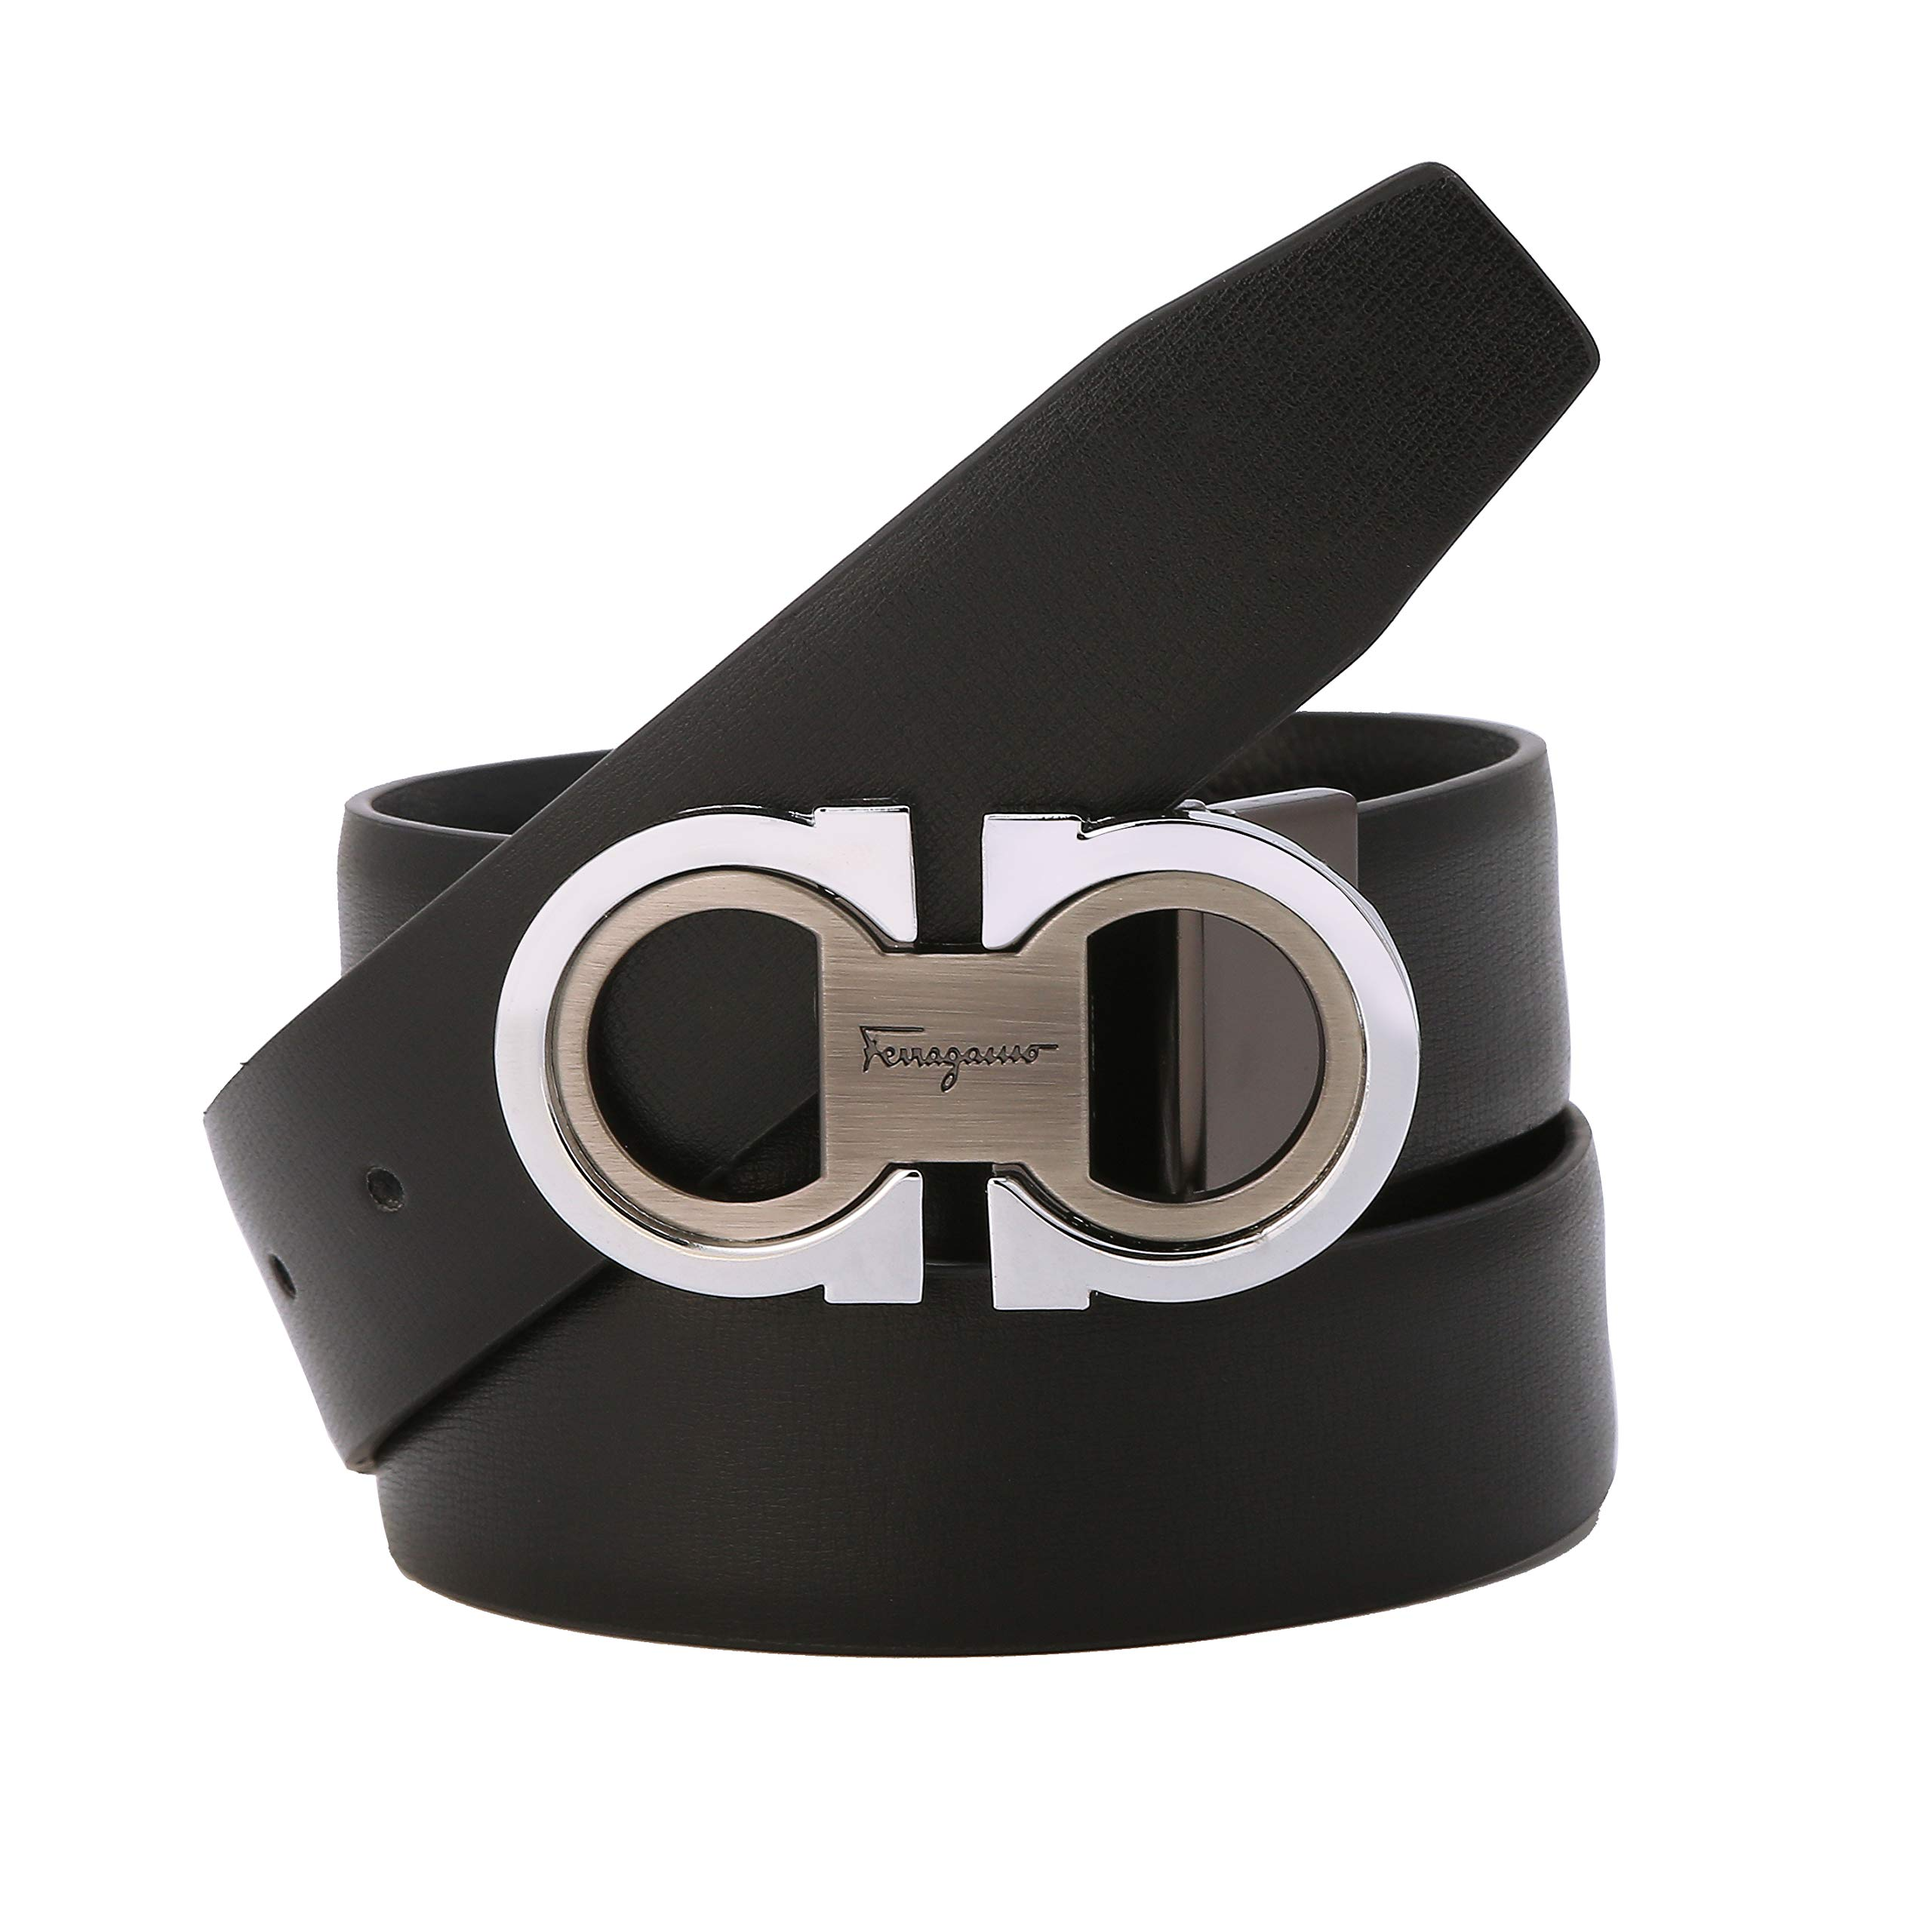 07c54fb0039 Men s Fashion Comfort Genuine Leather Belt Adjustable Buckle  (2-black-silver